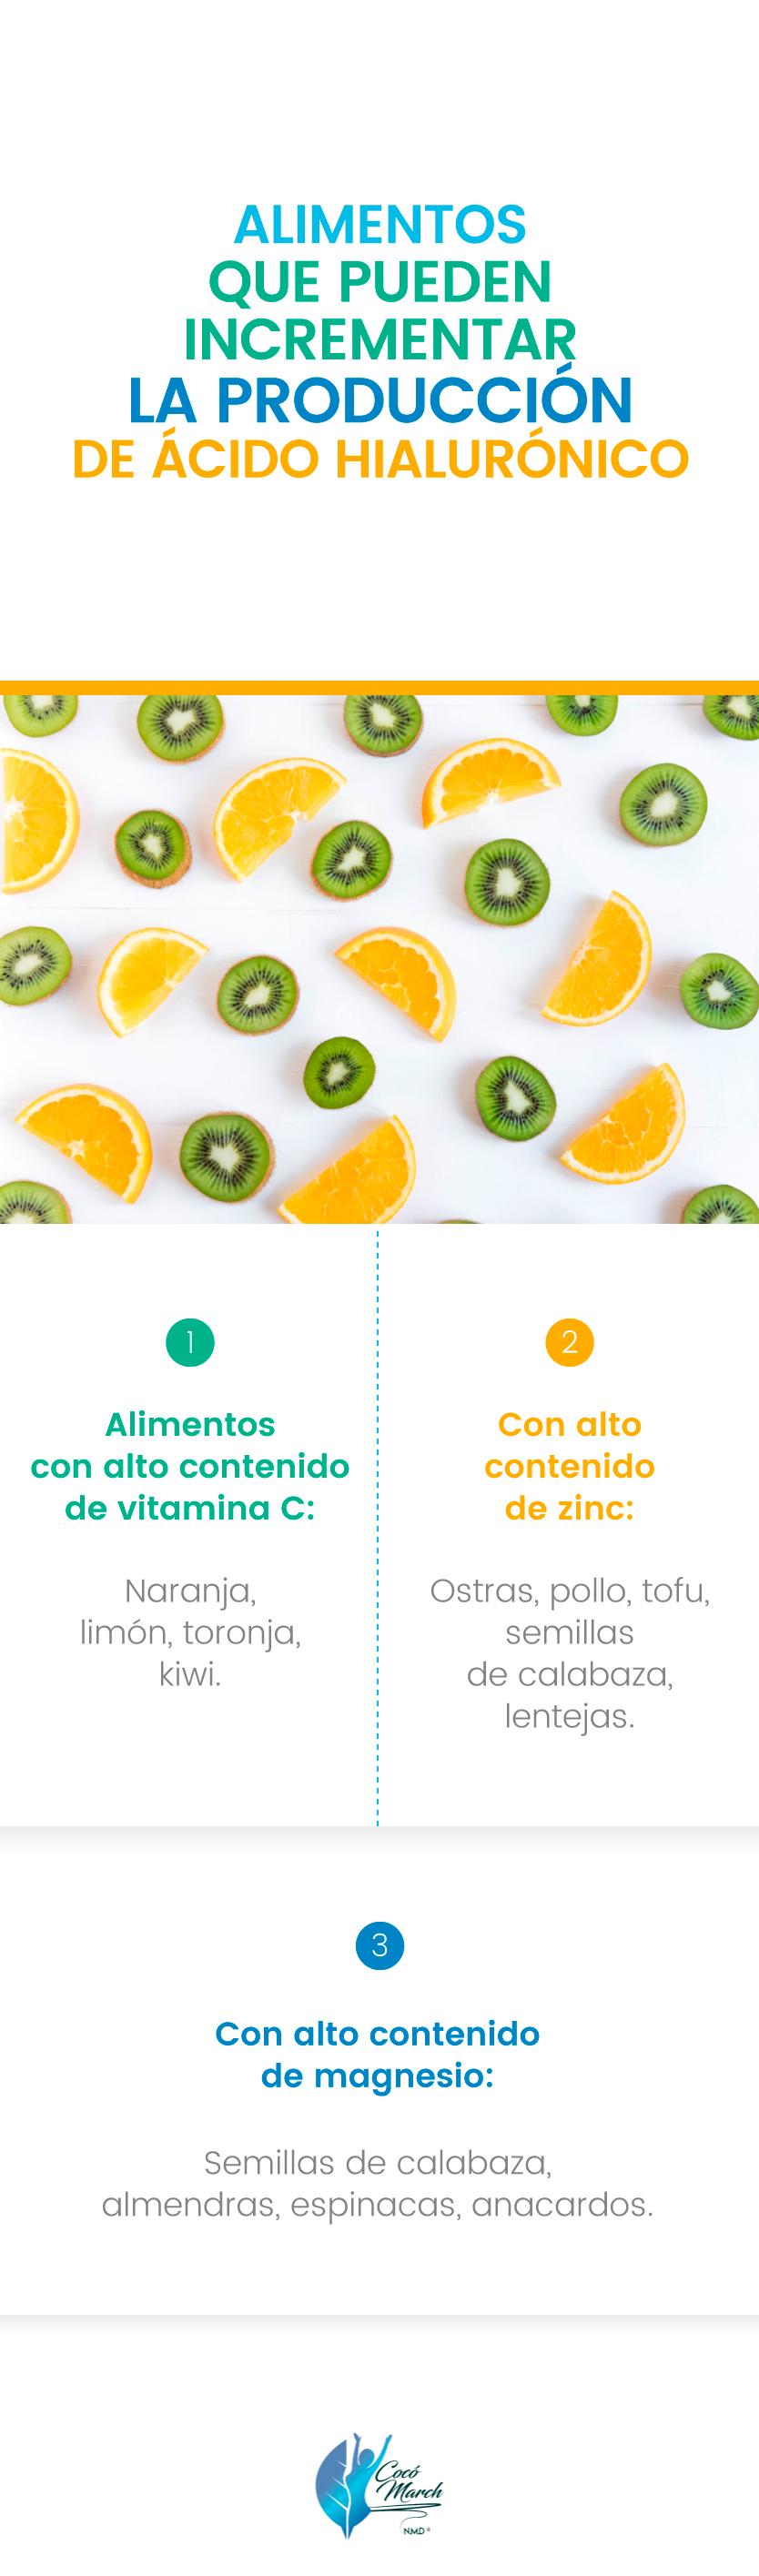 alimentos-para-incrementar-la-produccion-de-acido-hialuronico